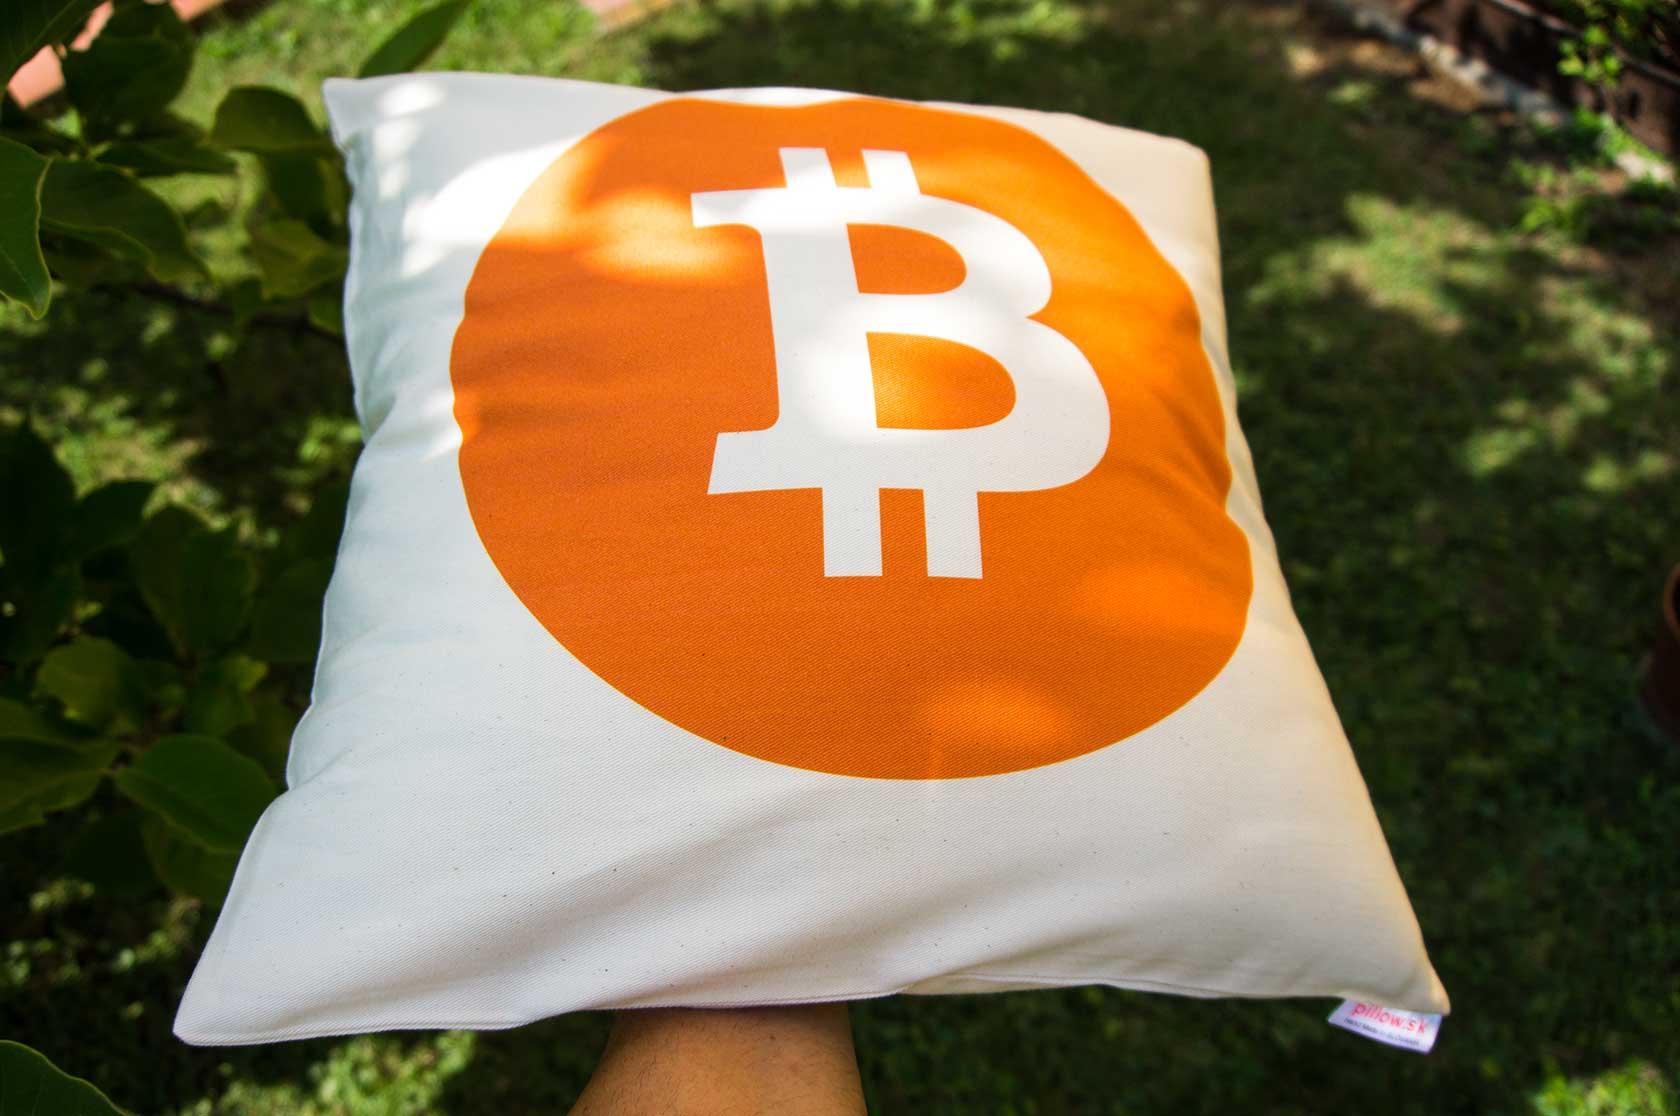 Vankúš Bitcoin - kvalitná bavlna a ručné spracovanie